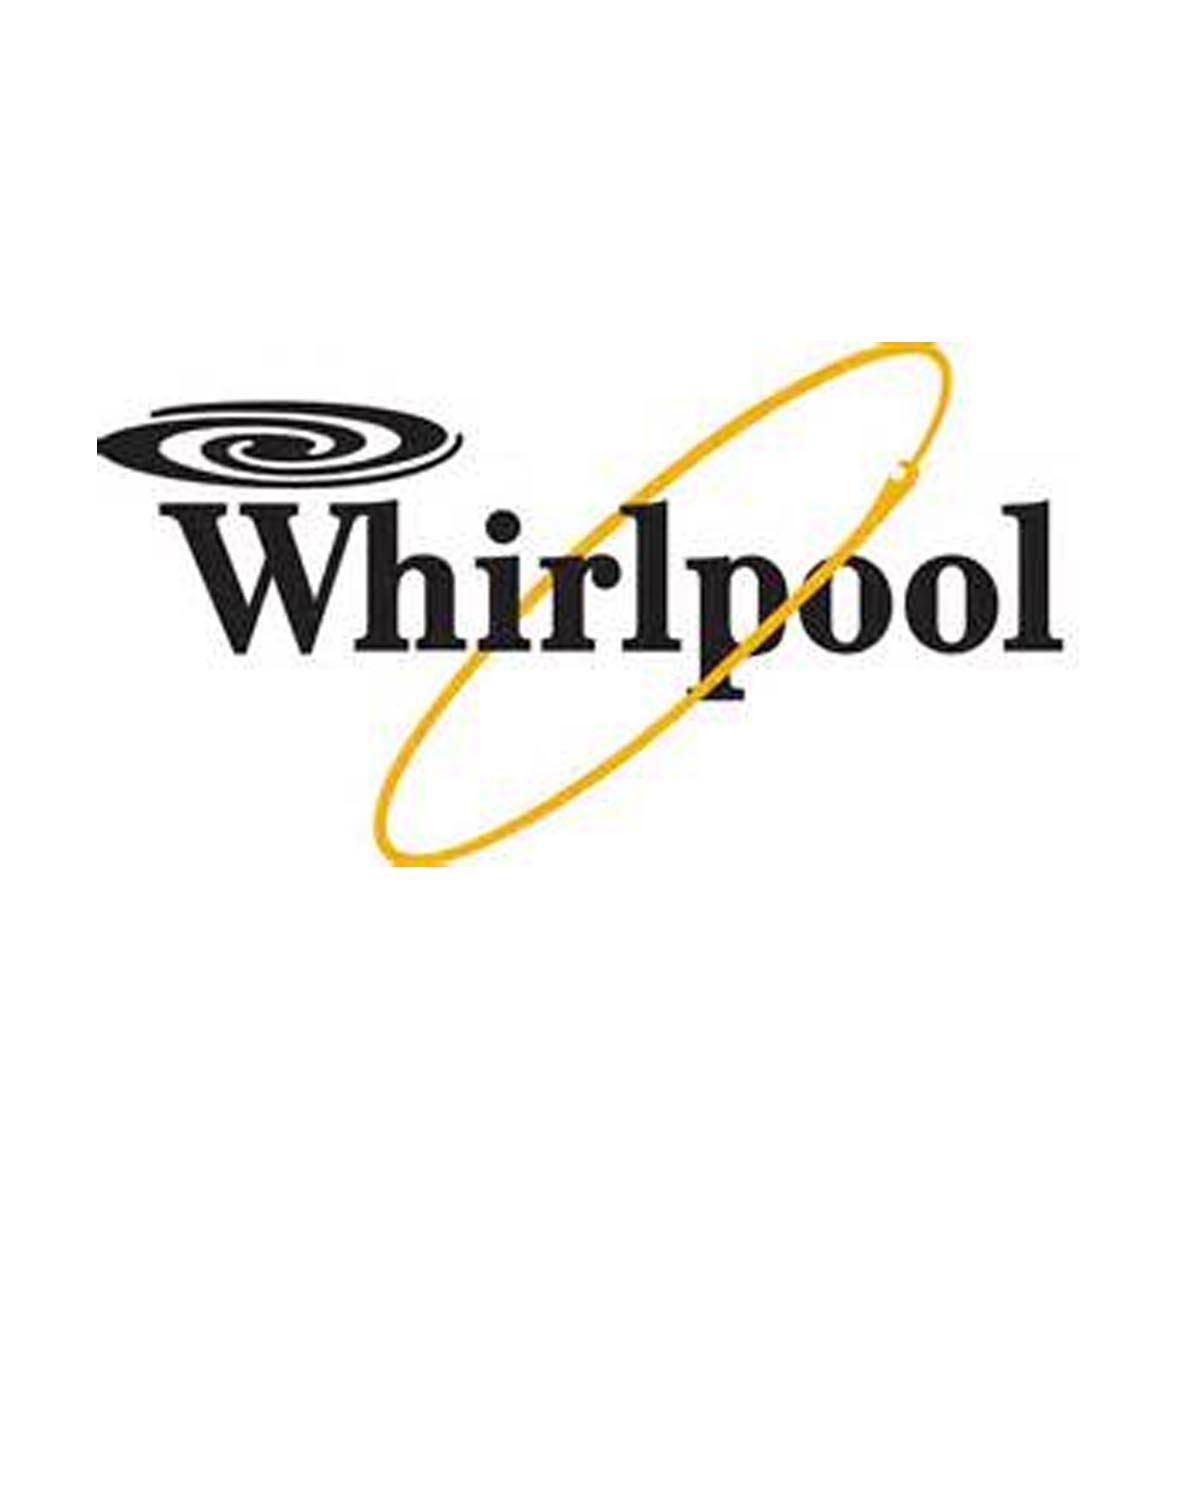 Migliori cantinette vino Whirlpool: prezzi online | Cantinette-vino.com